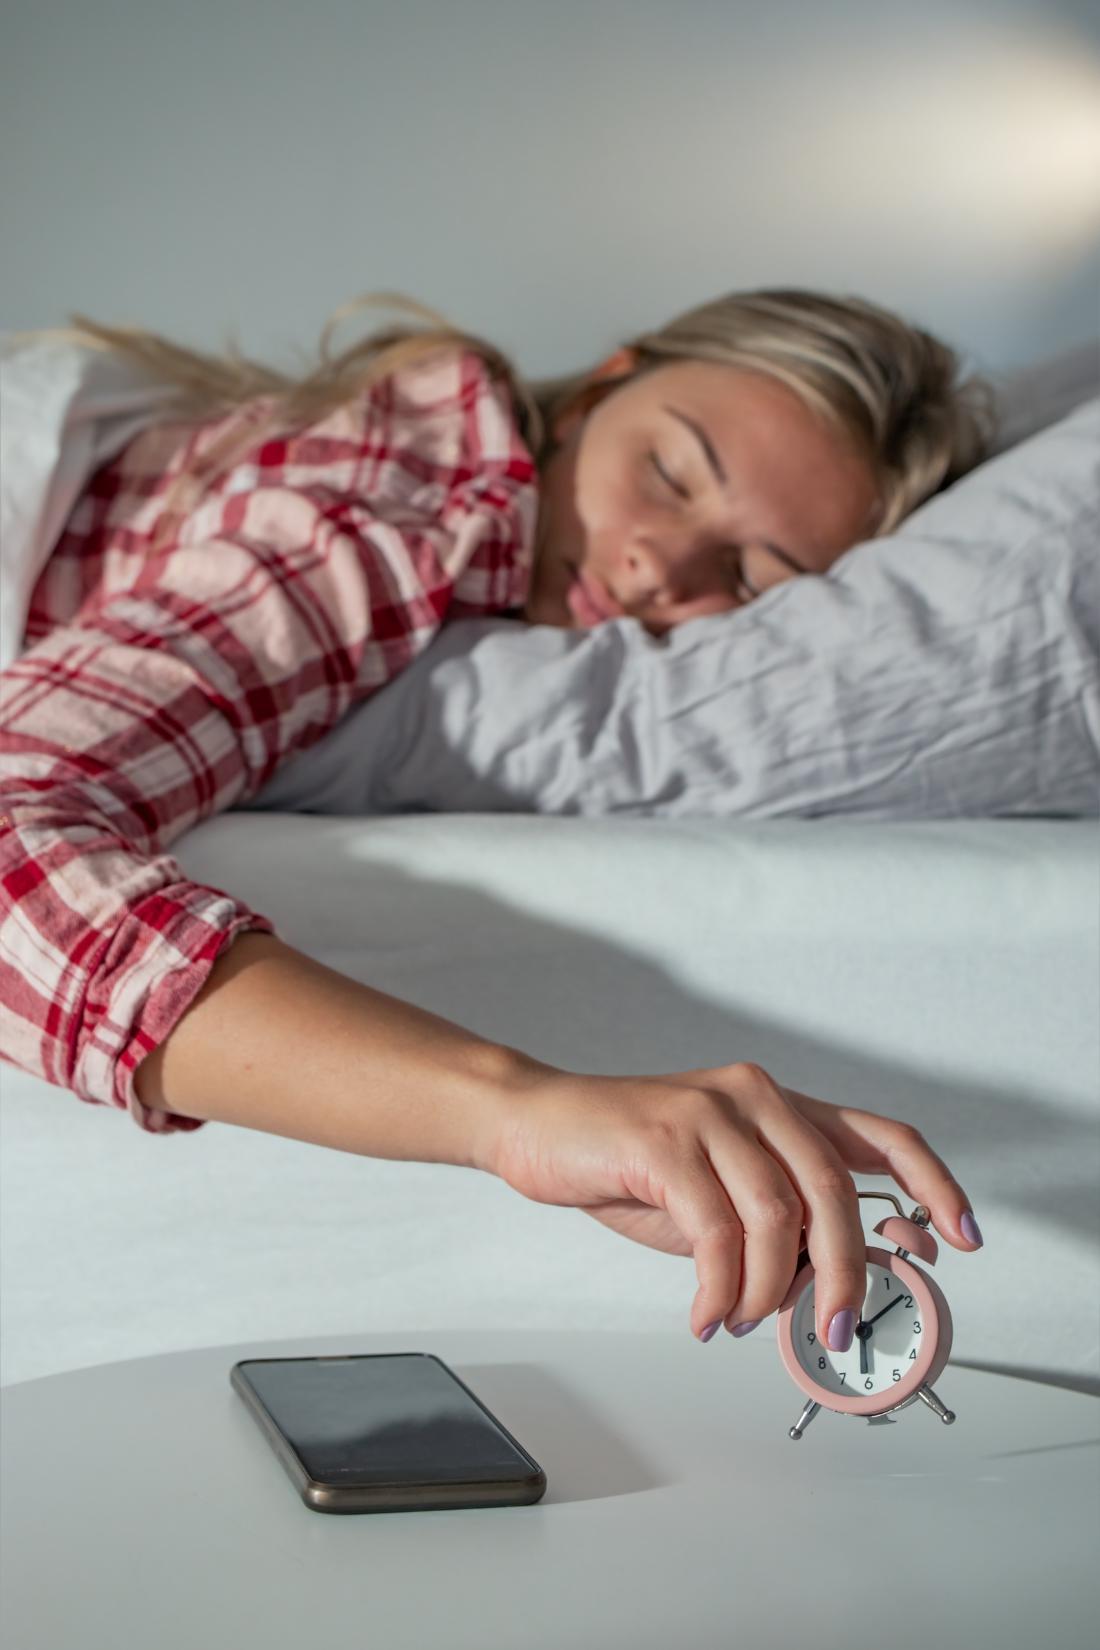 Če telefon uporabljate kot budilko, ga med spanjem preklopite na letalski način in ga s tem izklopite iz omrežja. FOTO: AF-Photography/Shutterstock